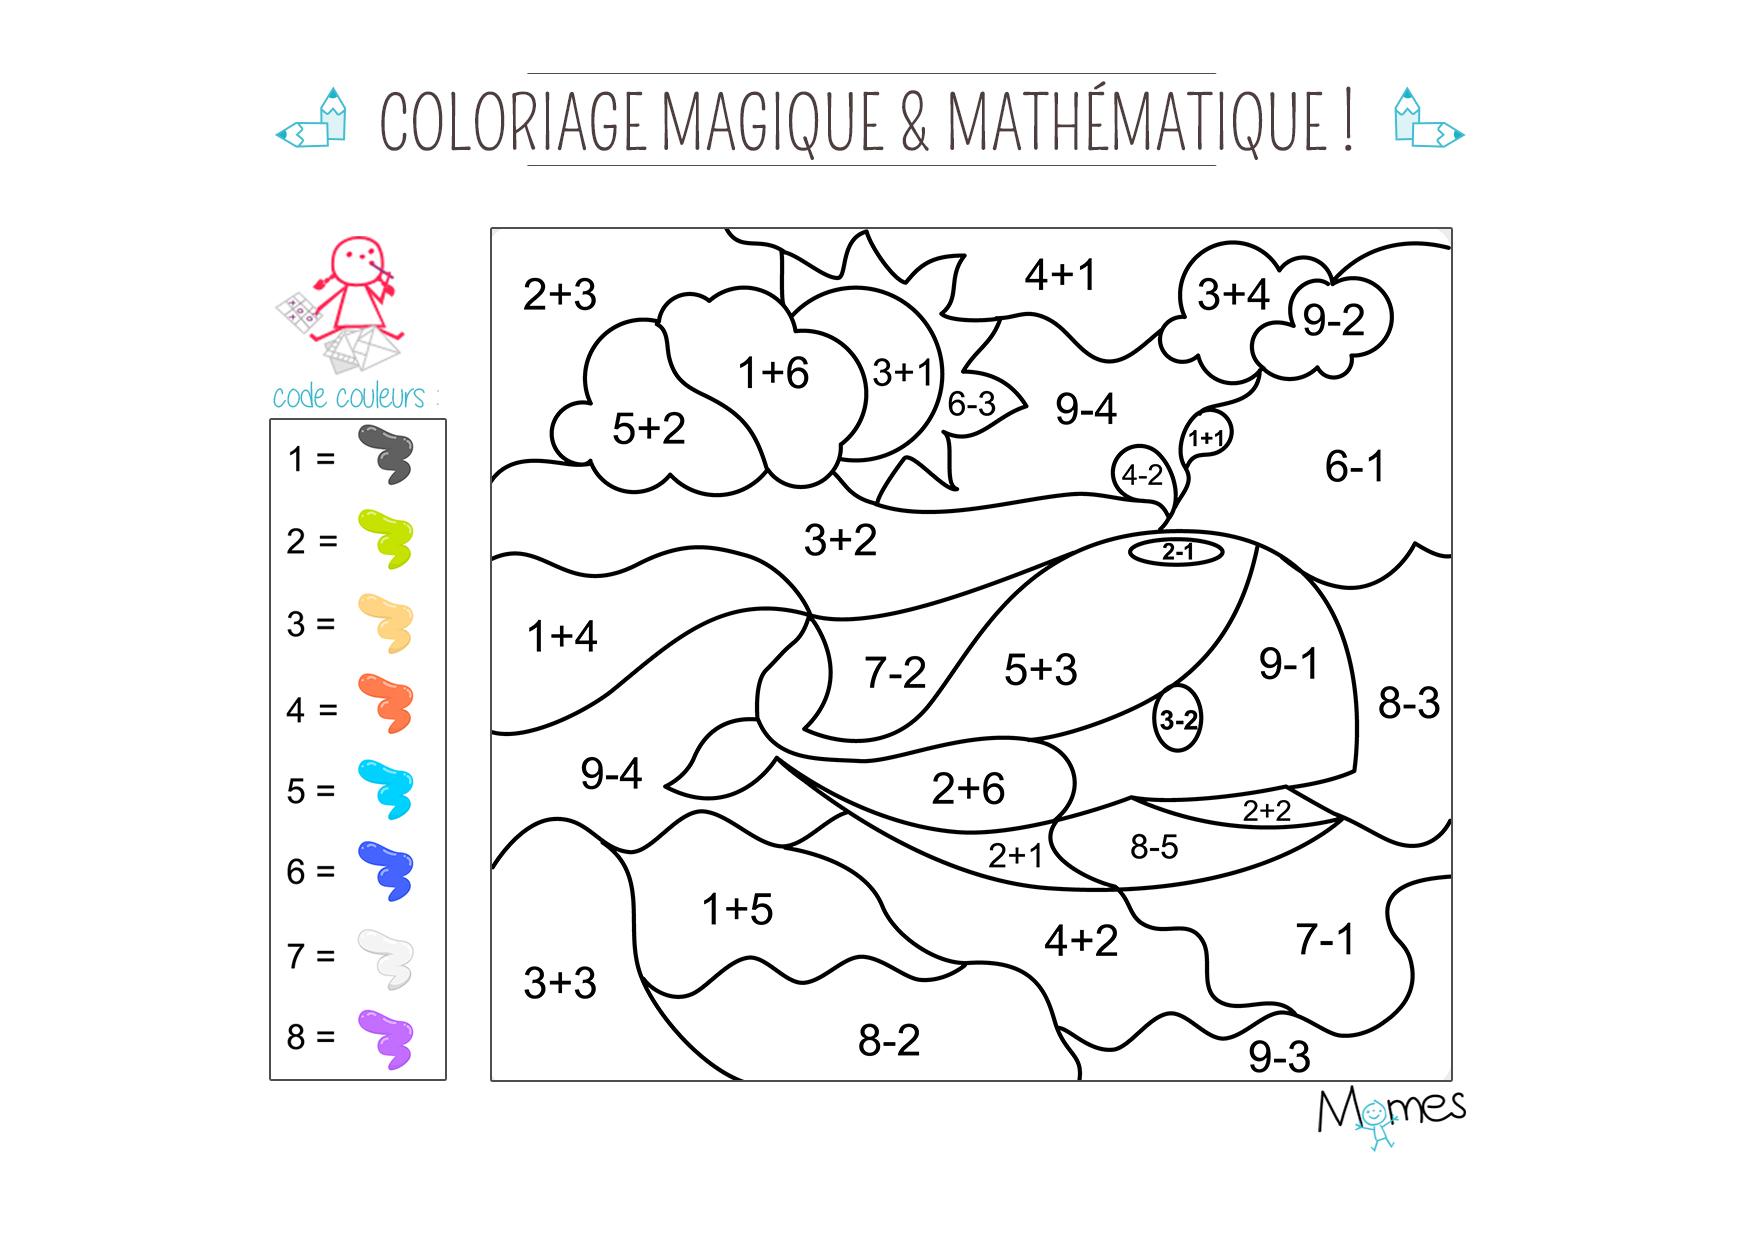 Coloriage magique et math matique la baleine - Coloriage mathematique ...